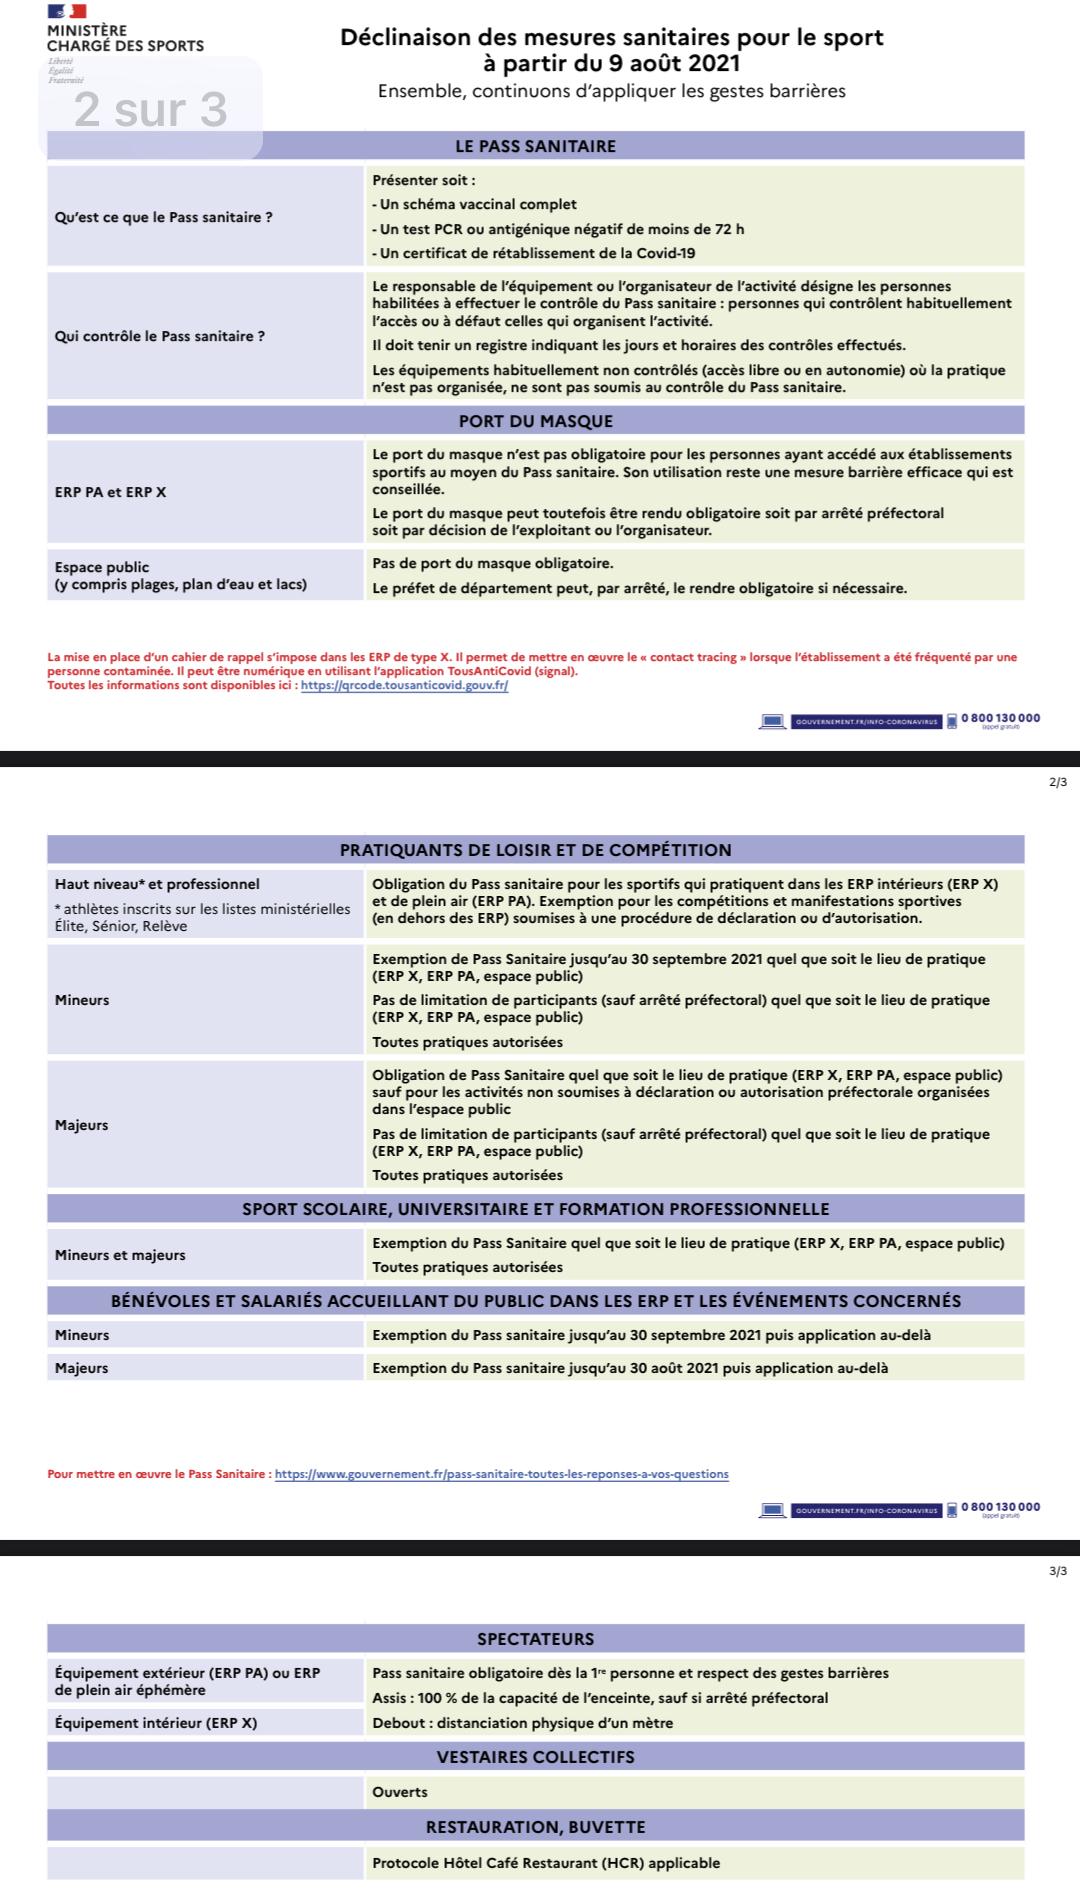 Critérium de LARAGNE du 20 au 26 septembre 2021